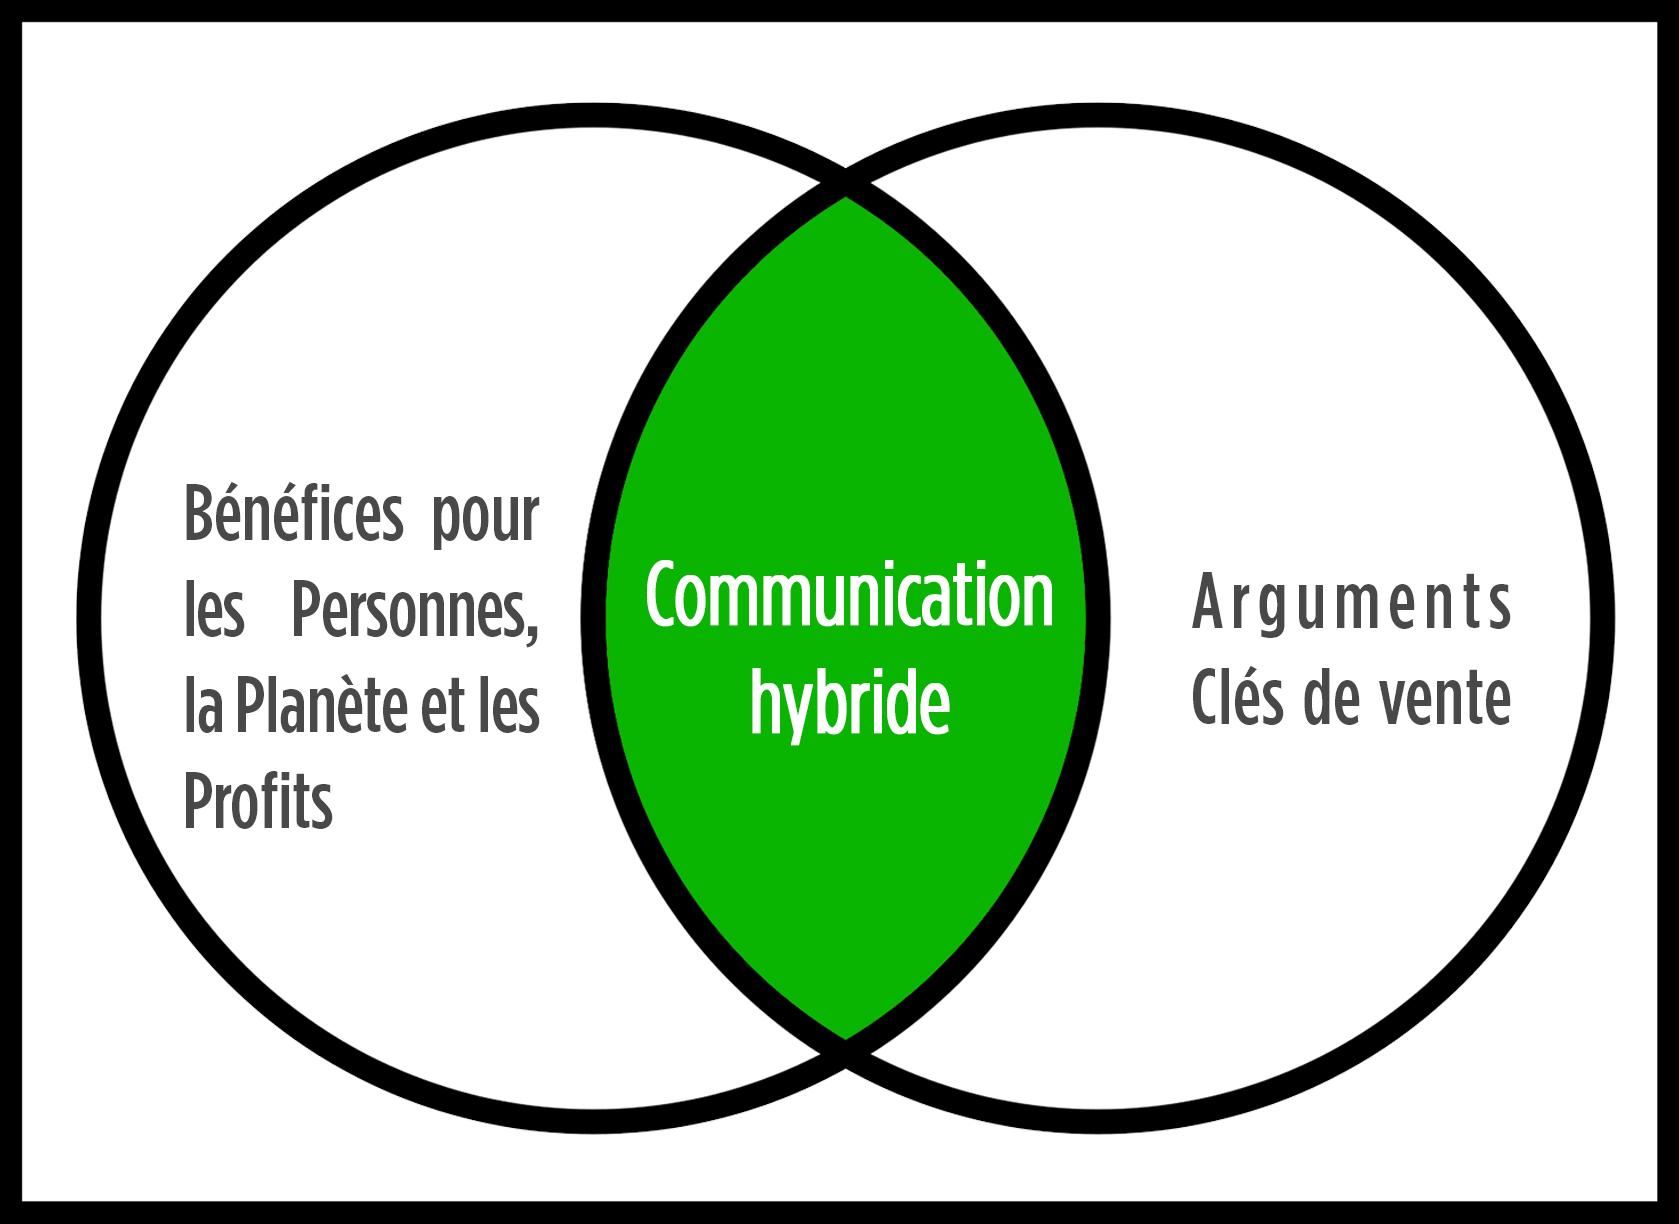 1. COMMUNICATION HYBRIDE - Communiquer les arguments clés de vente et l'impact positif